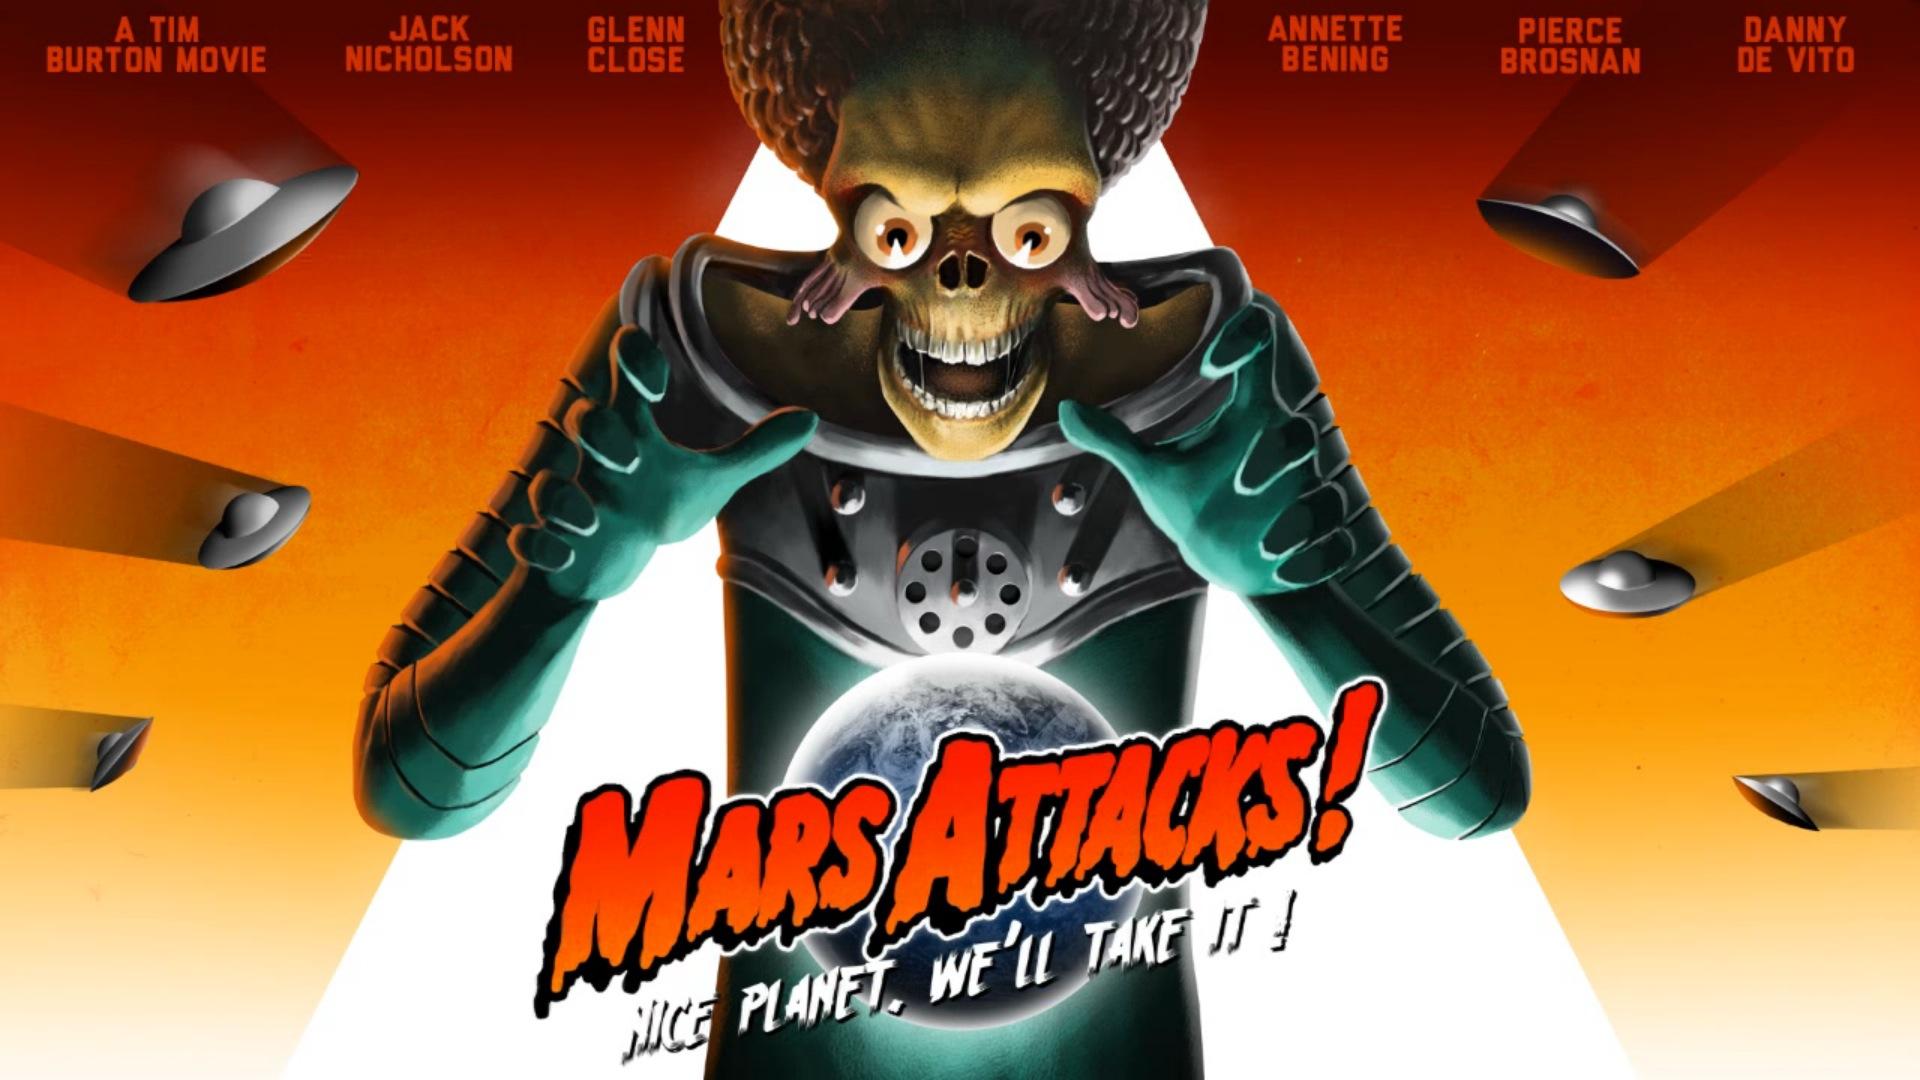 火星人玩转地球_根据描述,这部影片应该是蒂姆·波顿导演的《火星人玩转地球》.